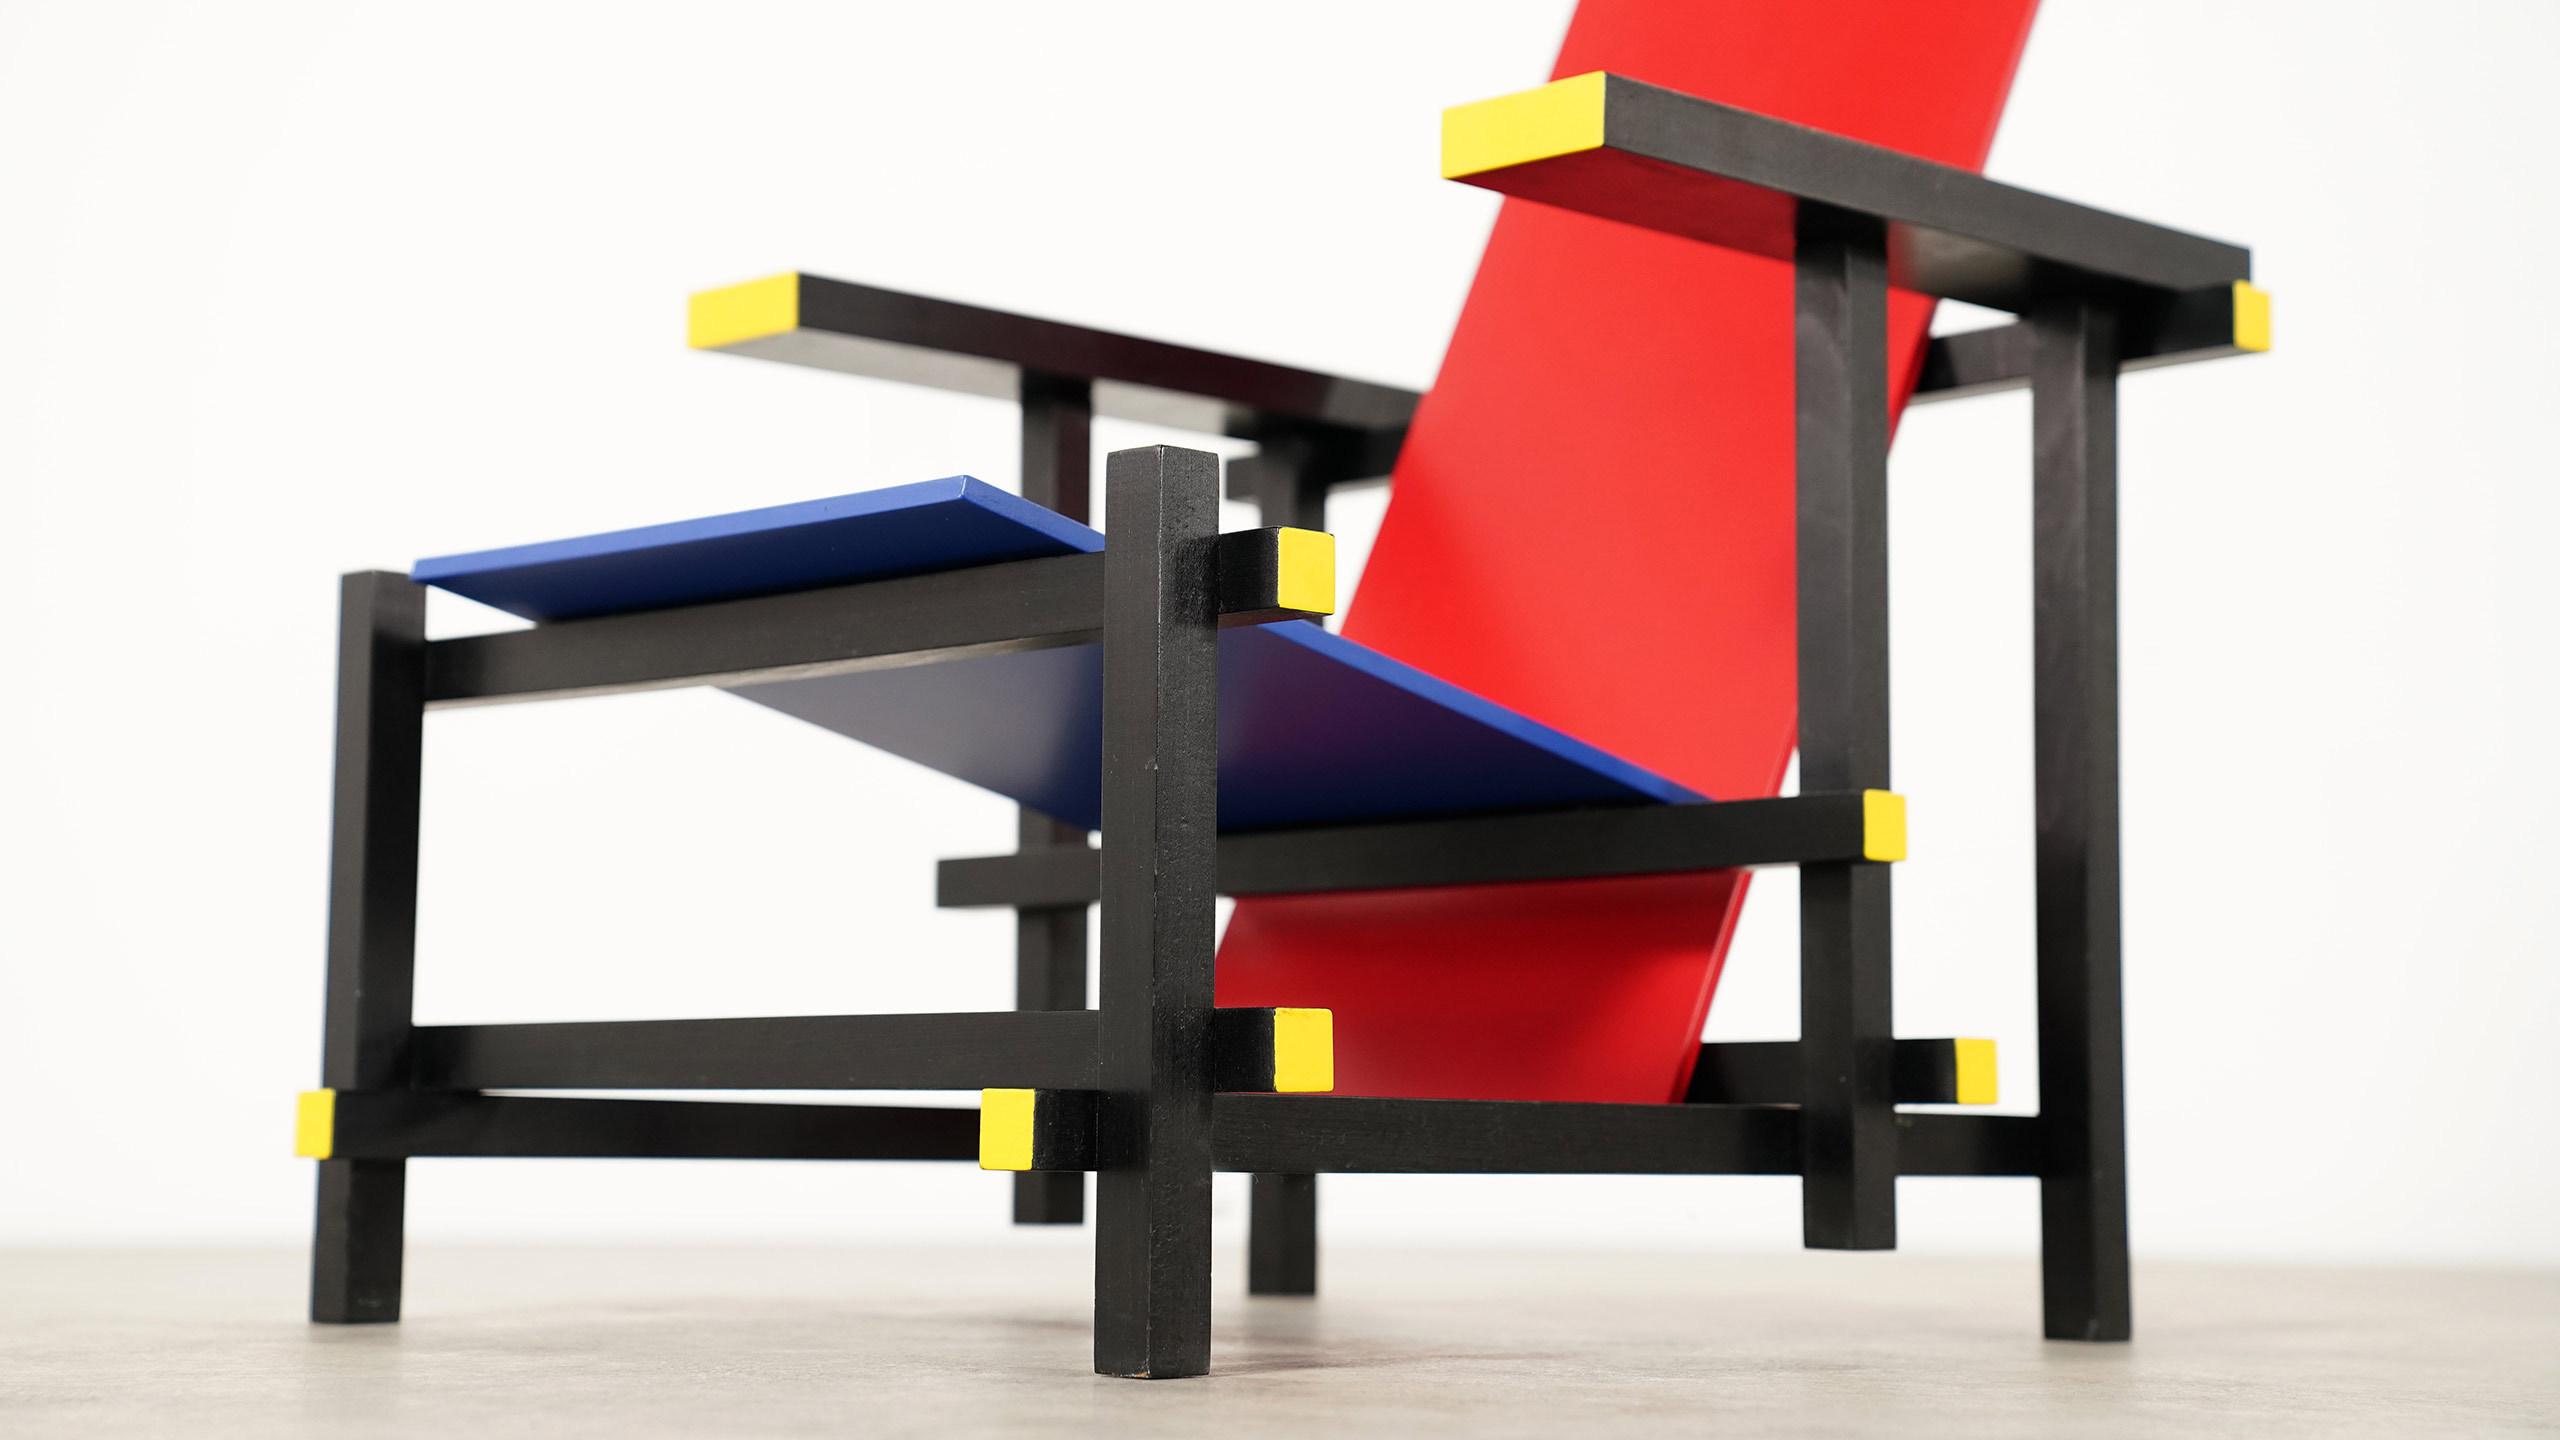 Gerrit rietveld red blue chair for Designerleuchten nachbau